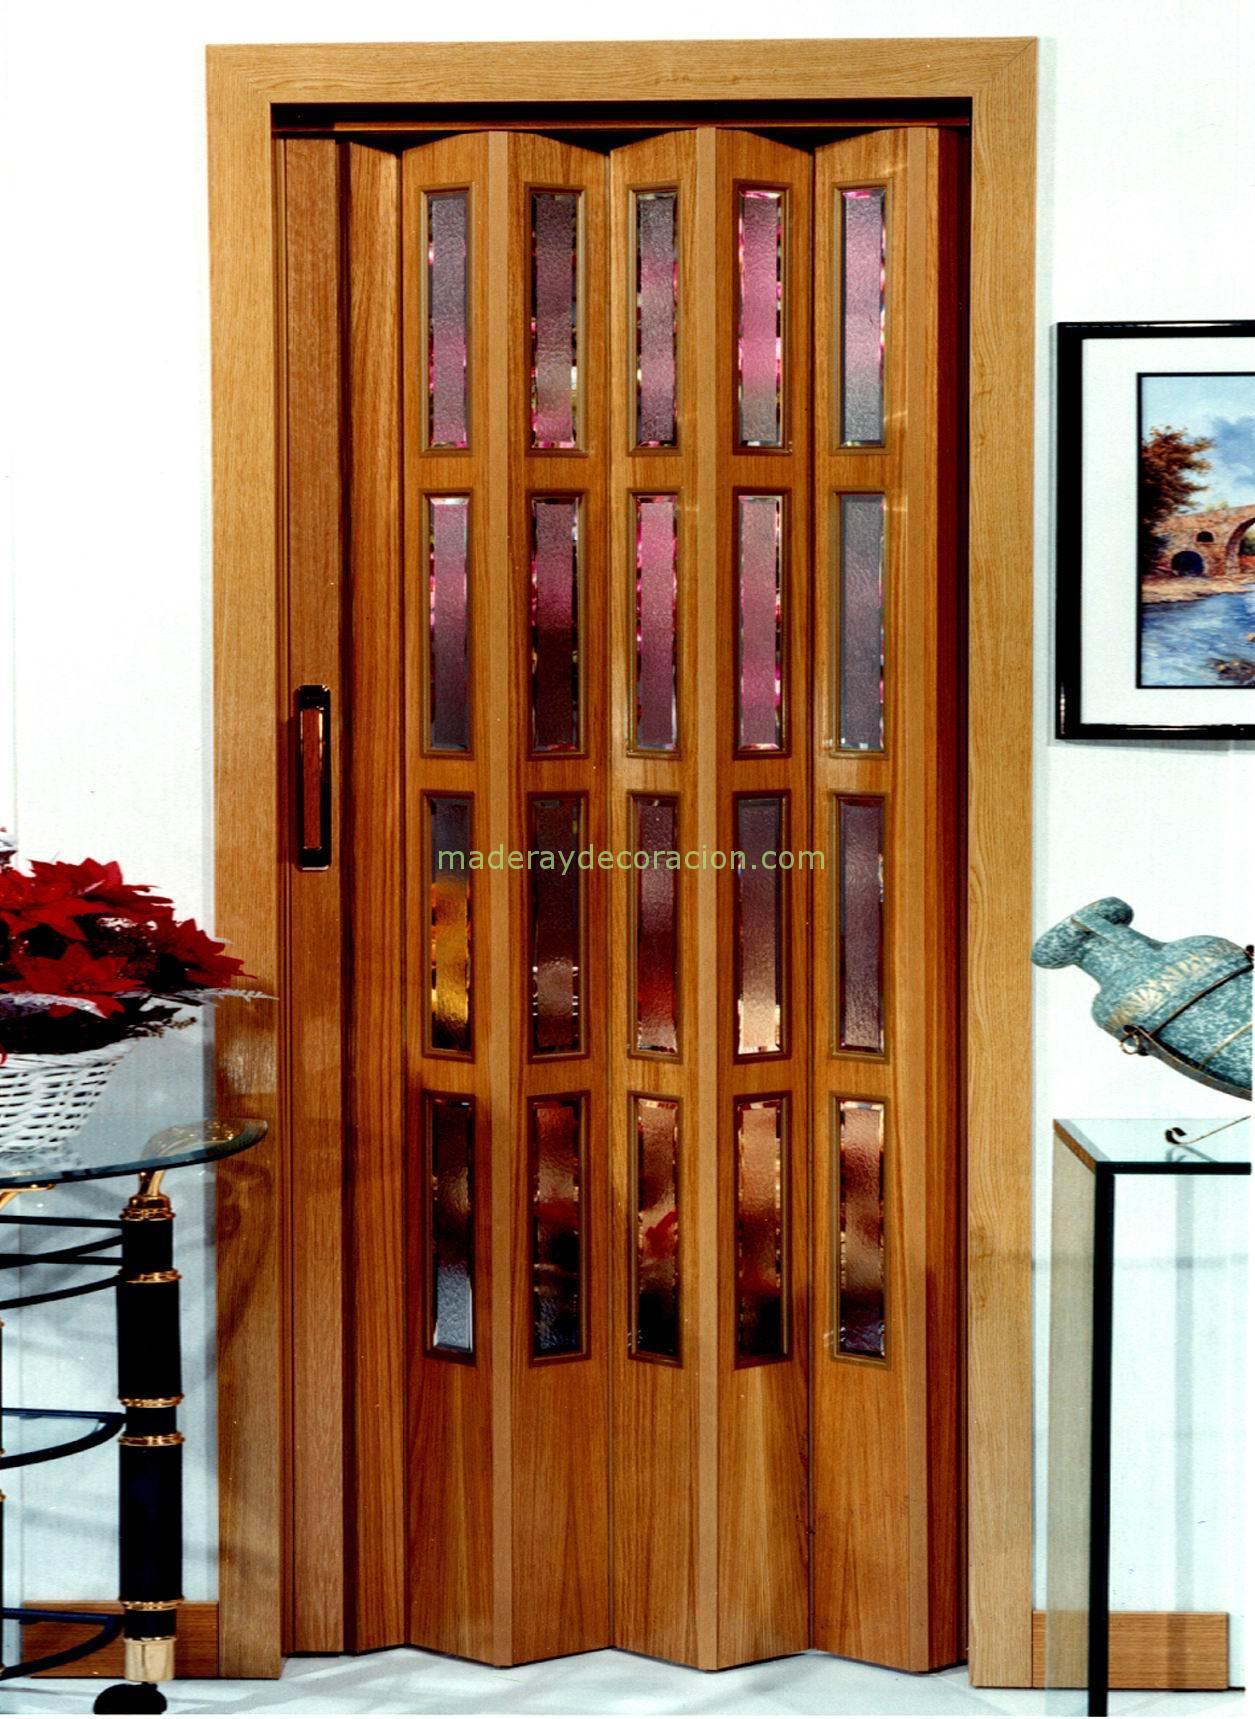 Puertas plegables madera natural - Puertas pvc plegables ...